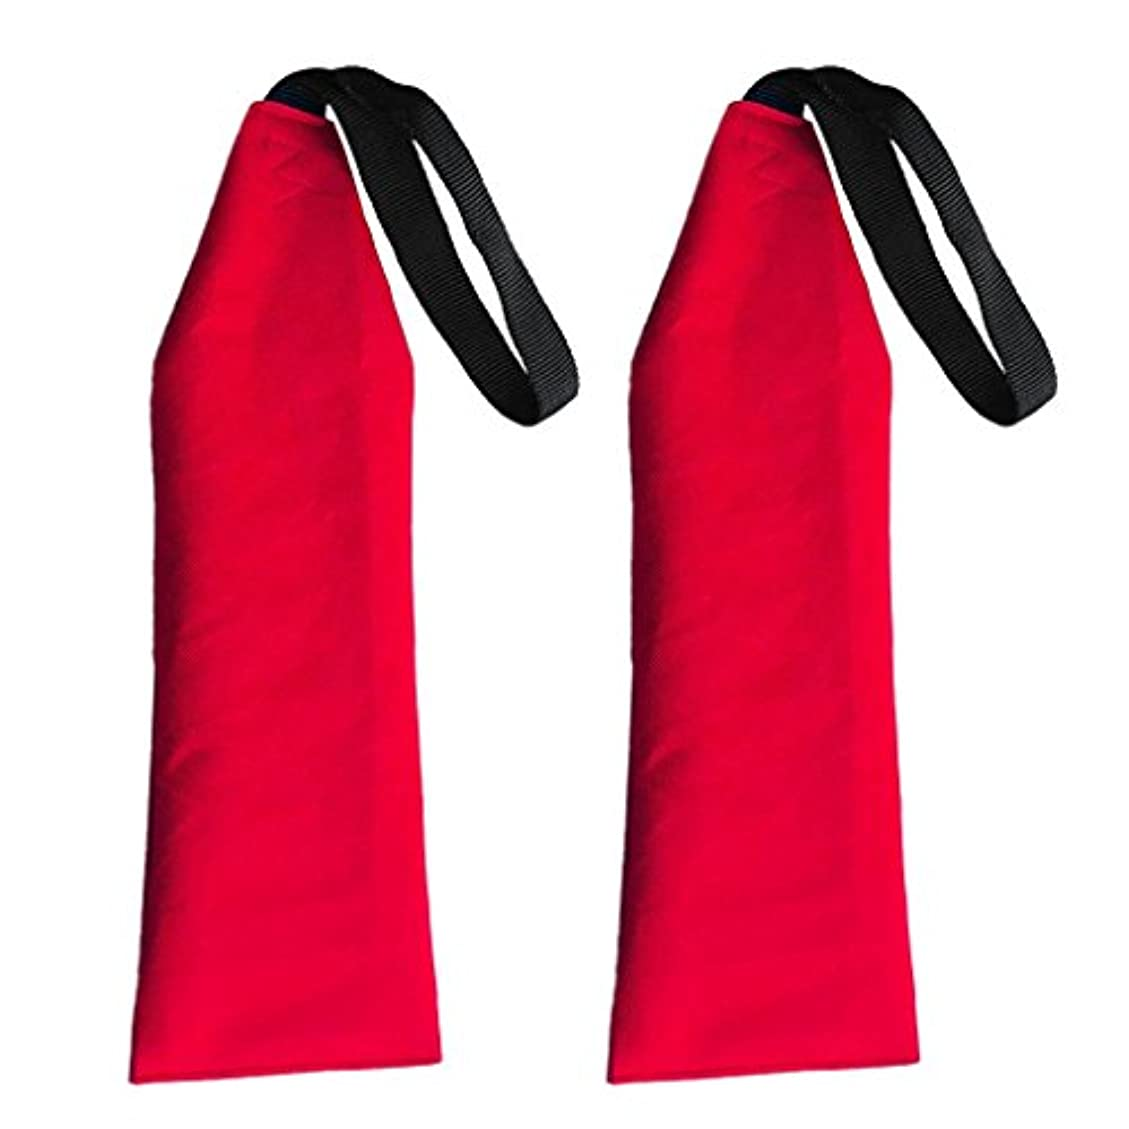 終了しました共産主義者スズメバチカヤックカヌーアクセサリーのための赤の安全旗カヌーカヤックフラグ